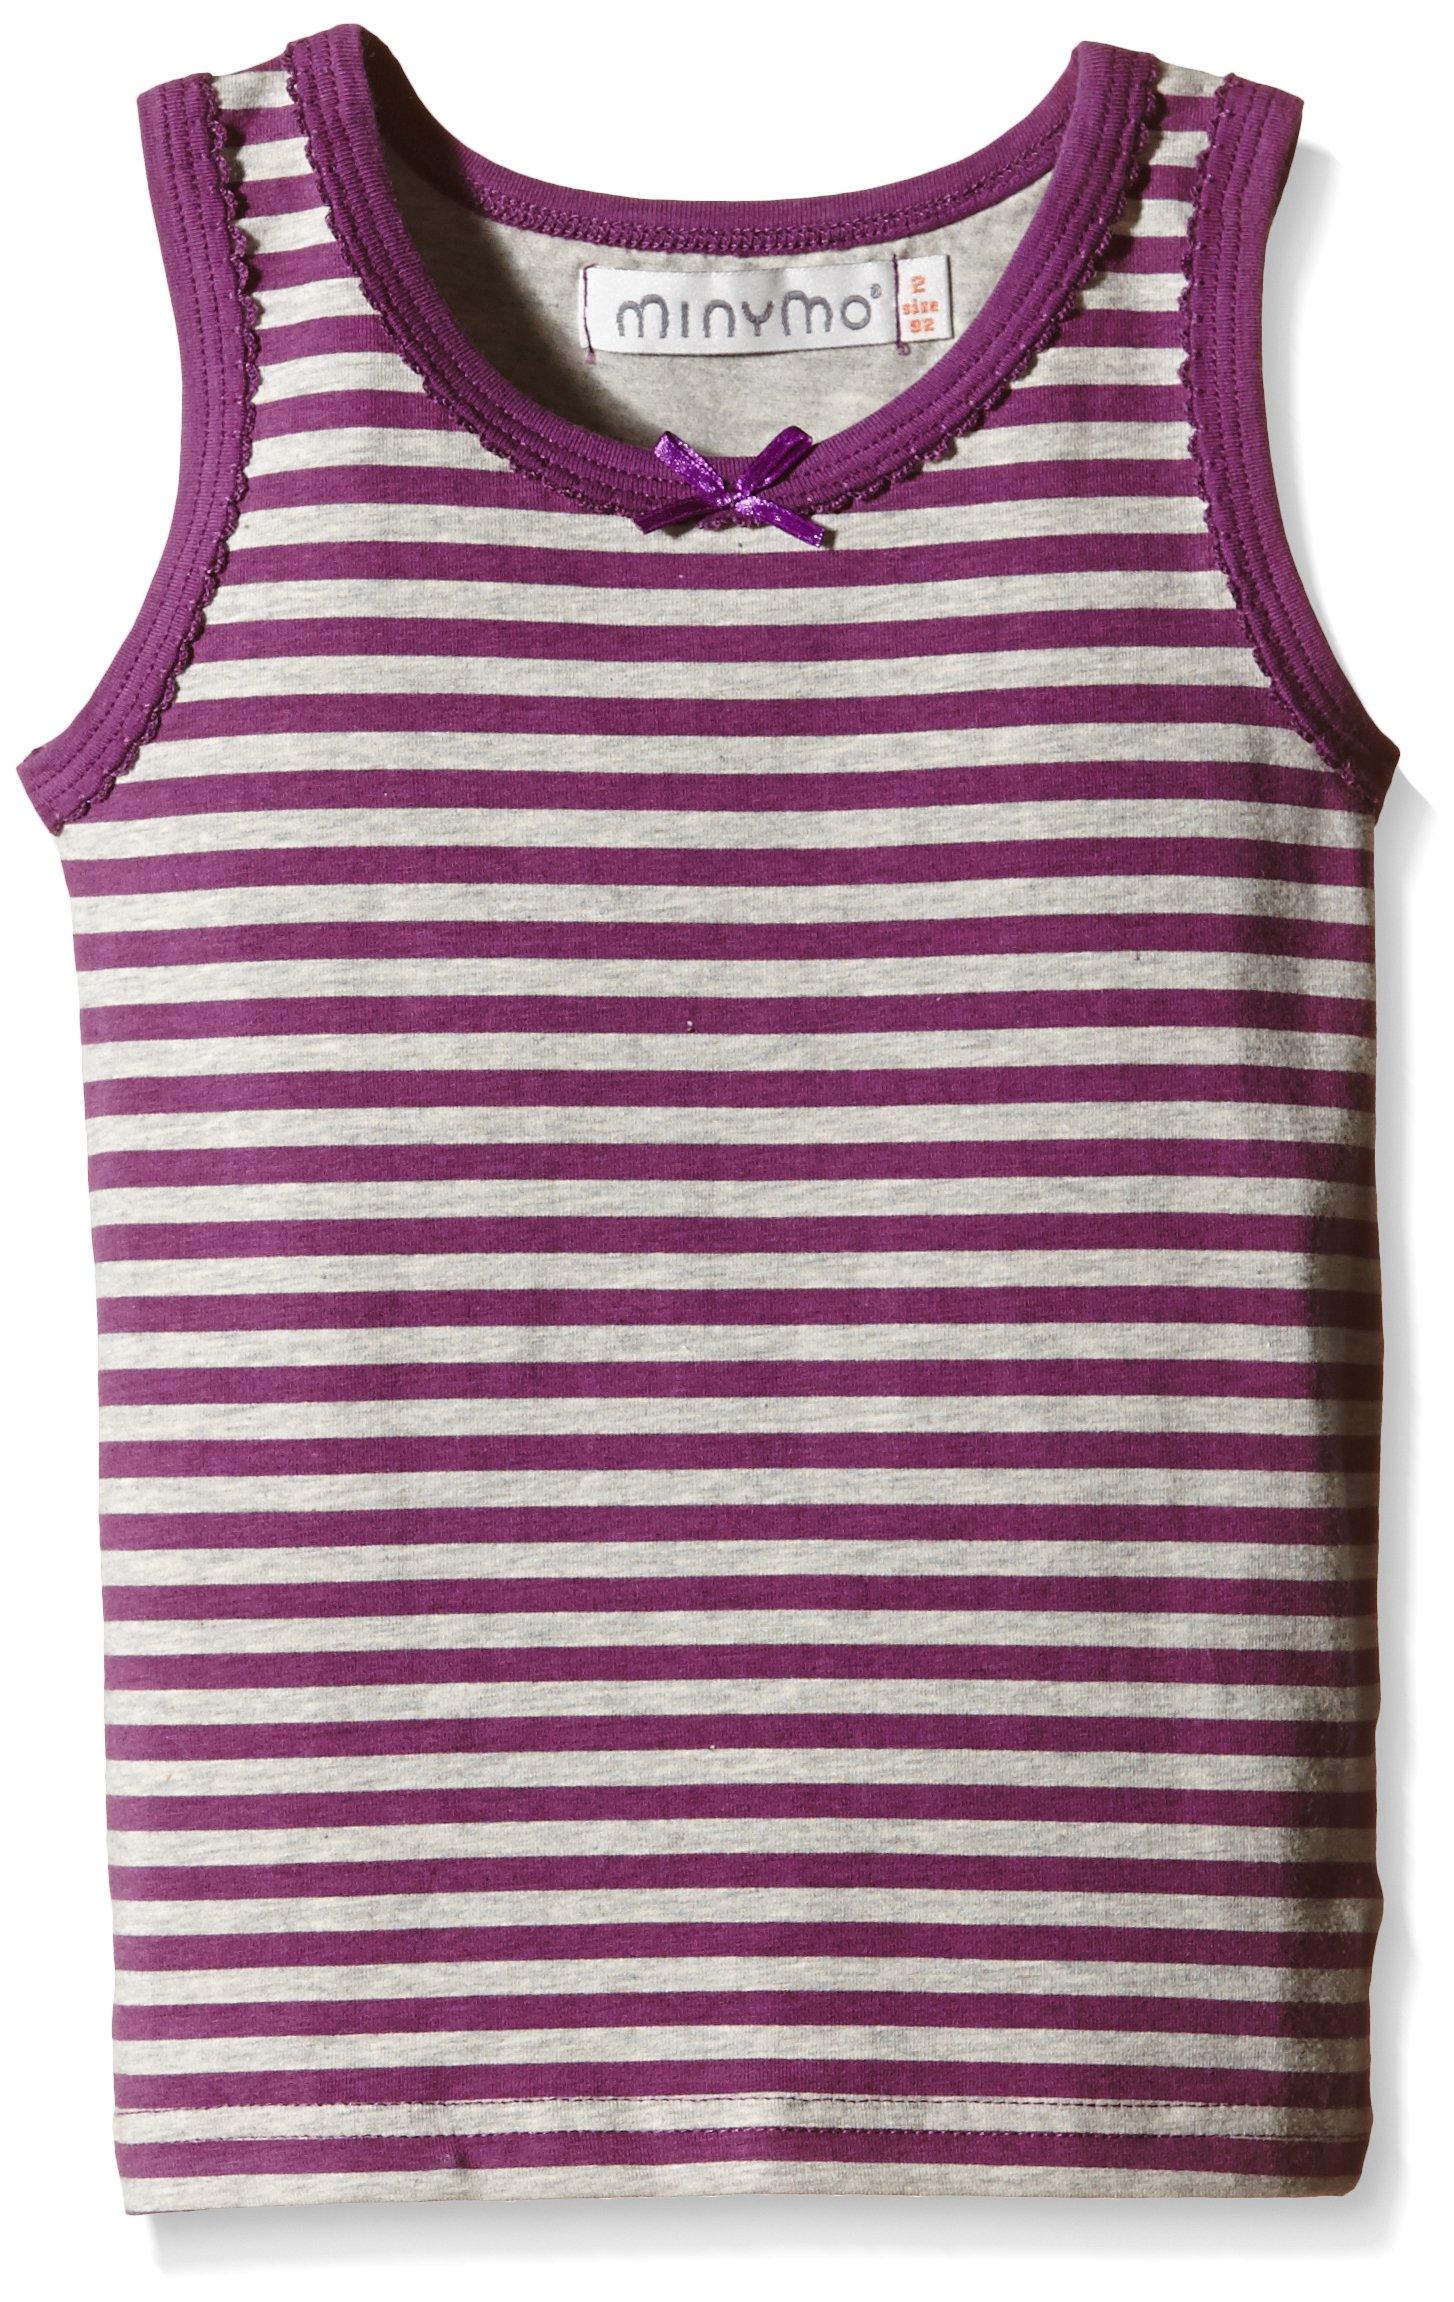 Minymo Chen 66-Undershirt Print/Stripe, Vestaglia Bambina, Multicolored (Purple Passion), 24 mesi